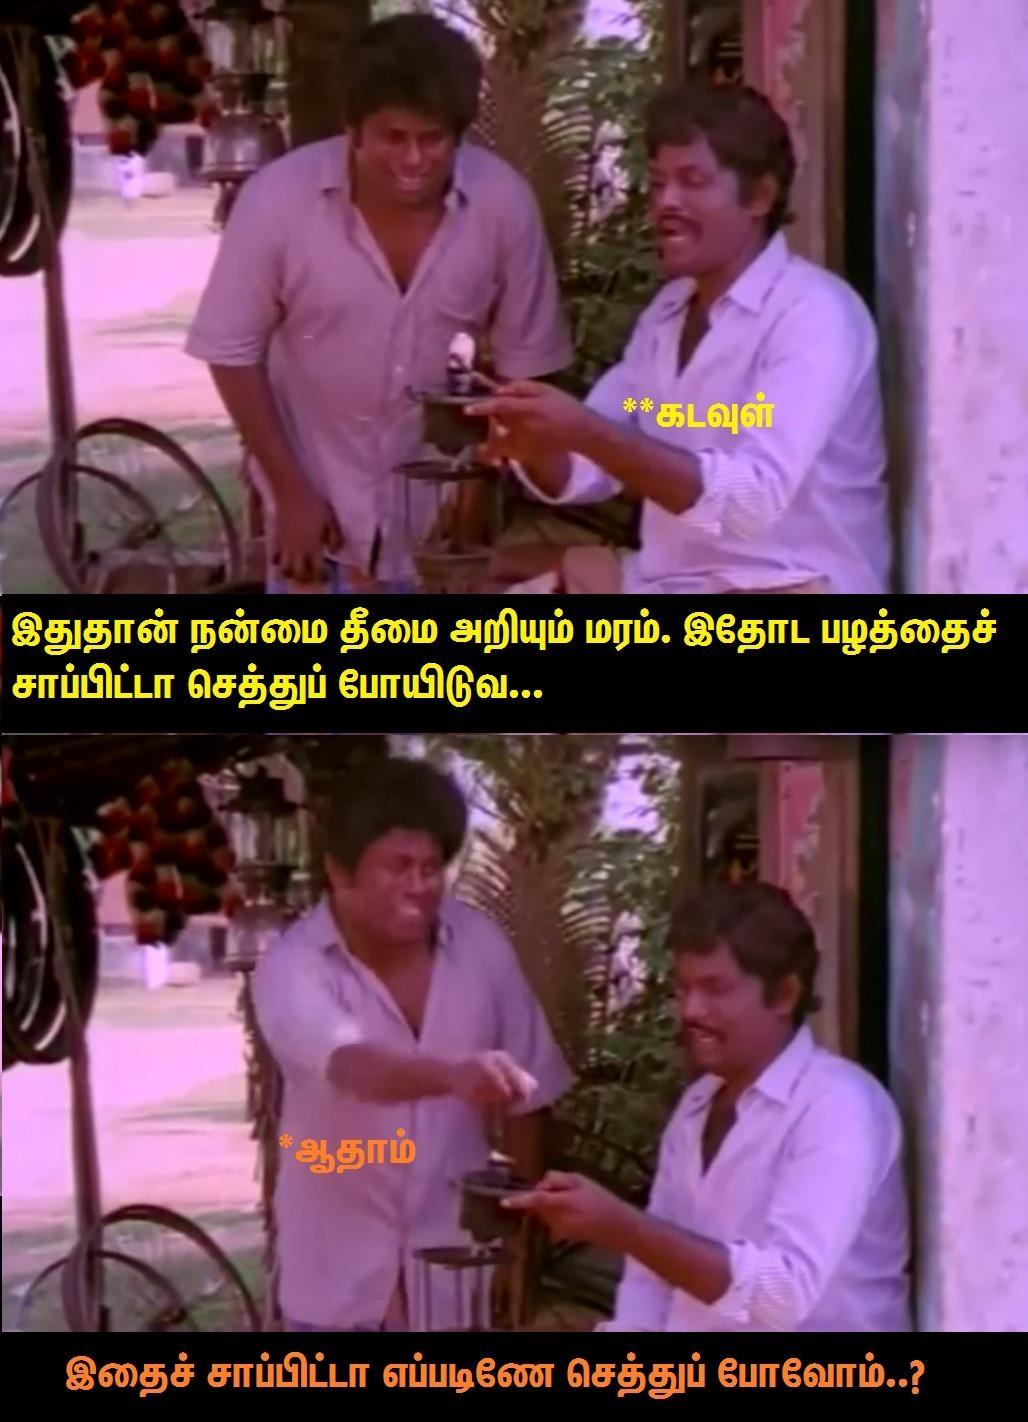 ஆதாம் மீம்